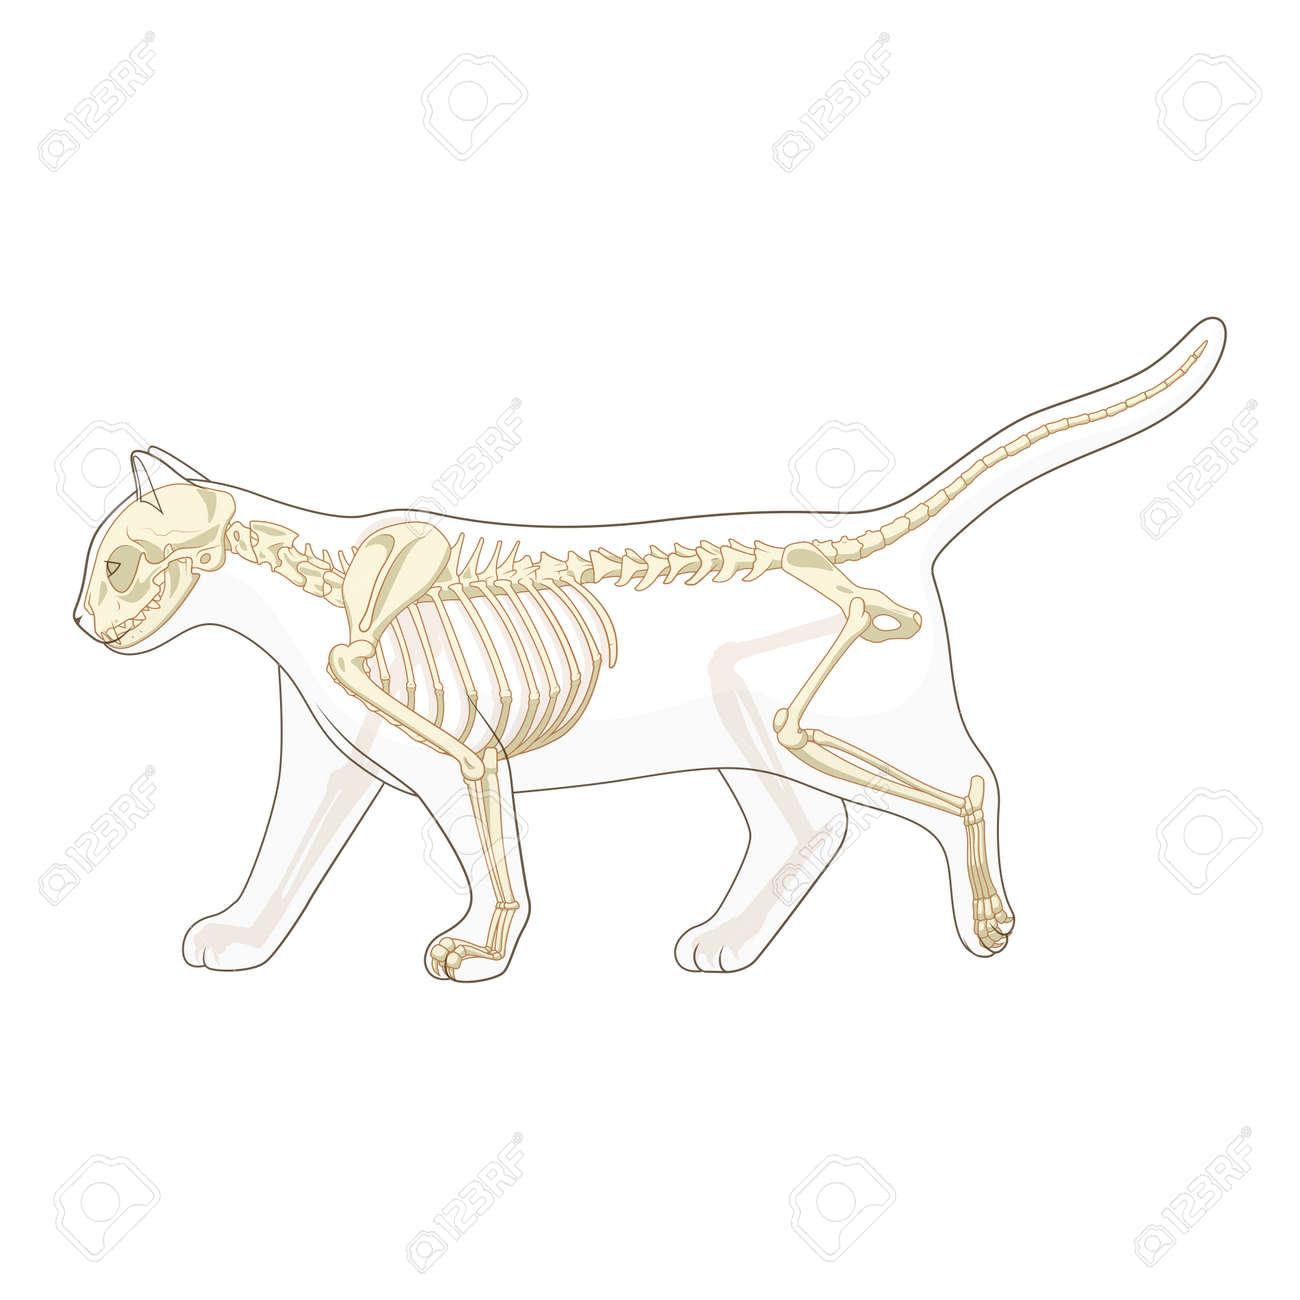 Großartig Katze Anatomie Blase Lage Galerie - Anatomie Ideen ...